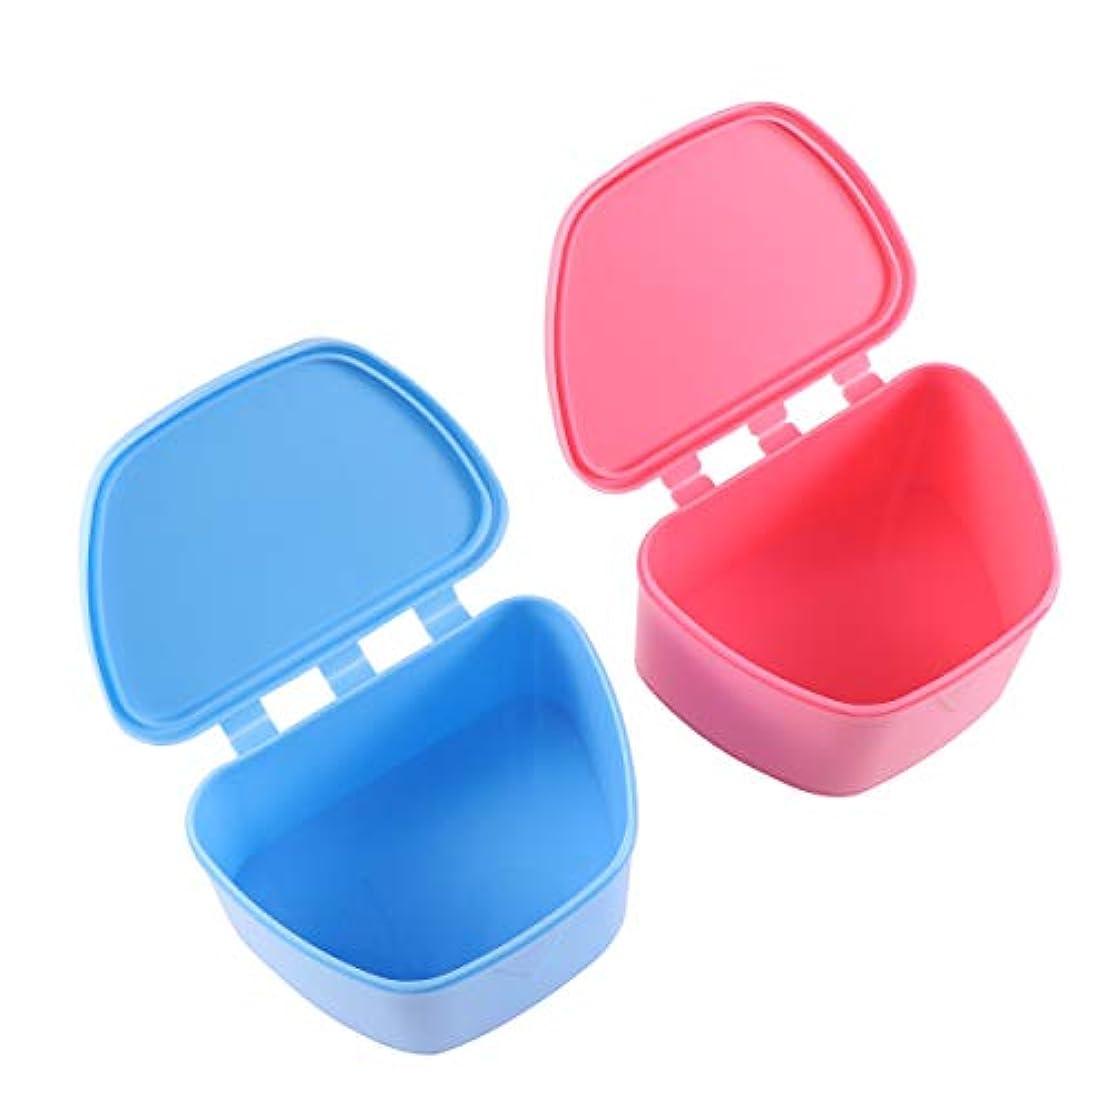 スペード本会議ポールHealifty 歯科ケース義歯収納ボックス矯正歯科ボックス2個(青とロージー)